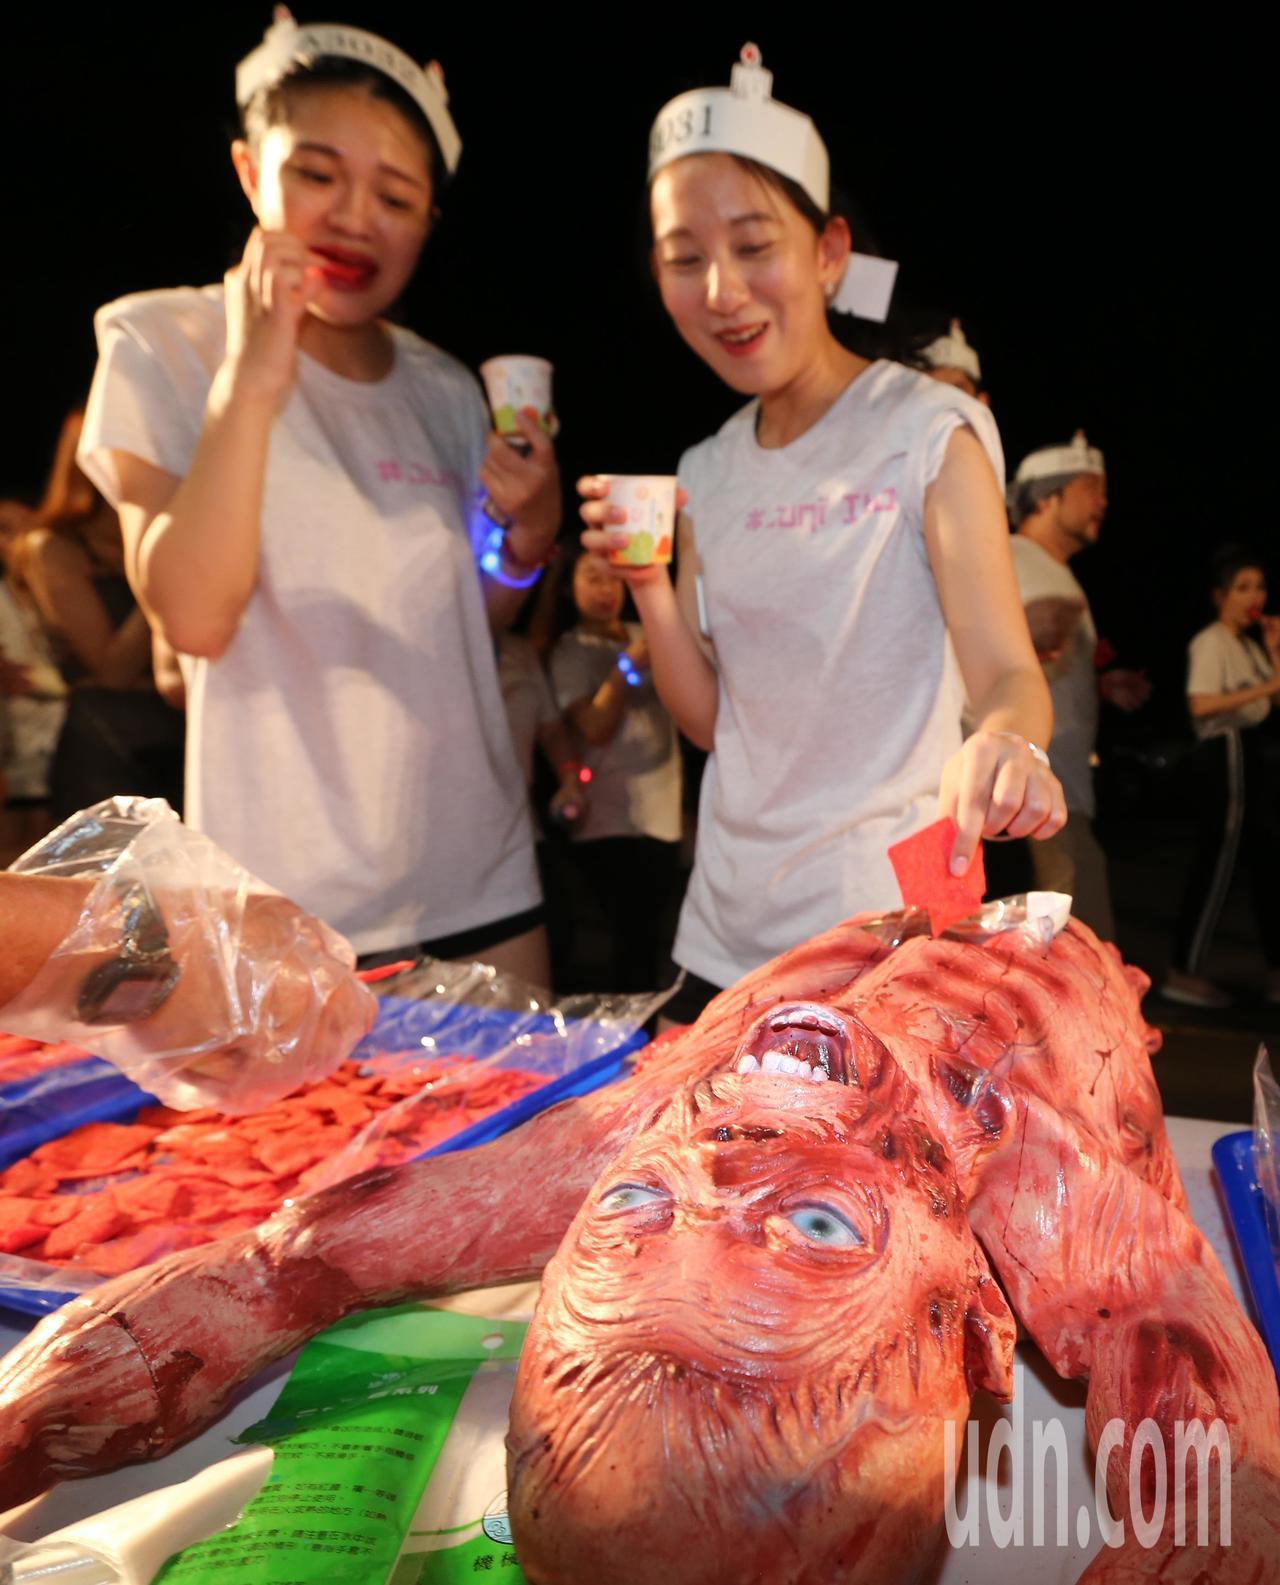 伊藤潤二嚇夜祭路跑登場,補給站也用恐怖道具裝著食物、飲料。記者許正宏/攝影